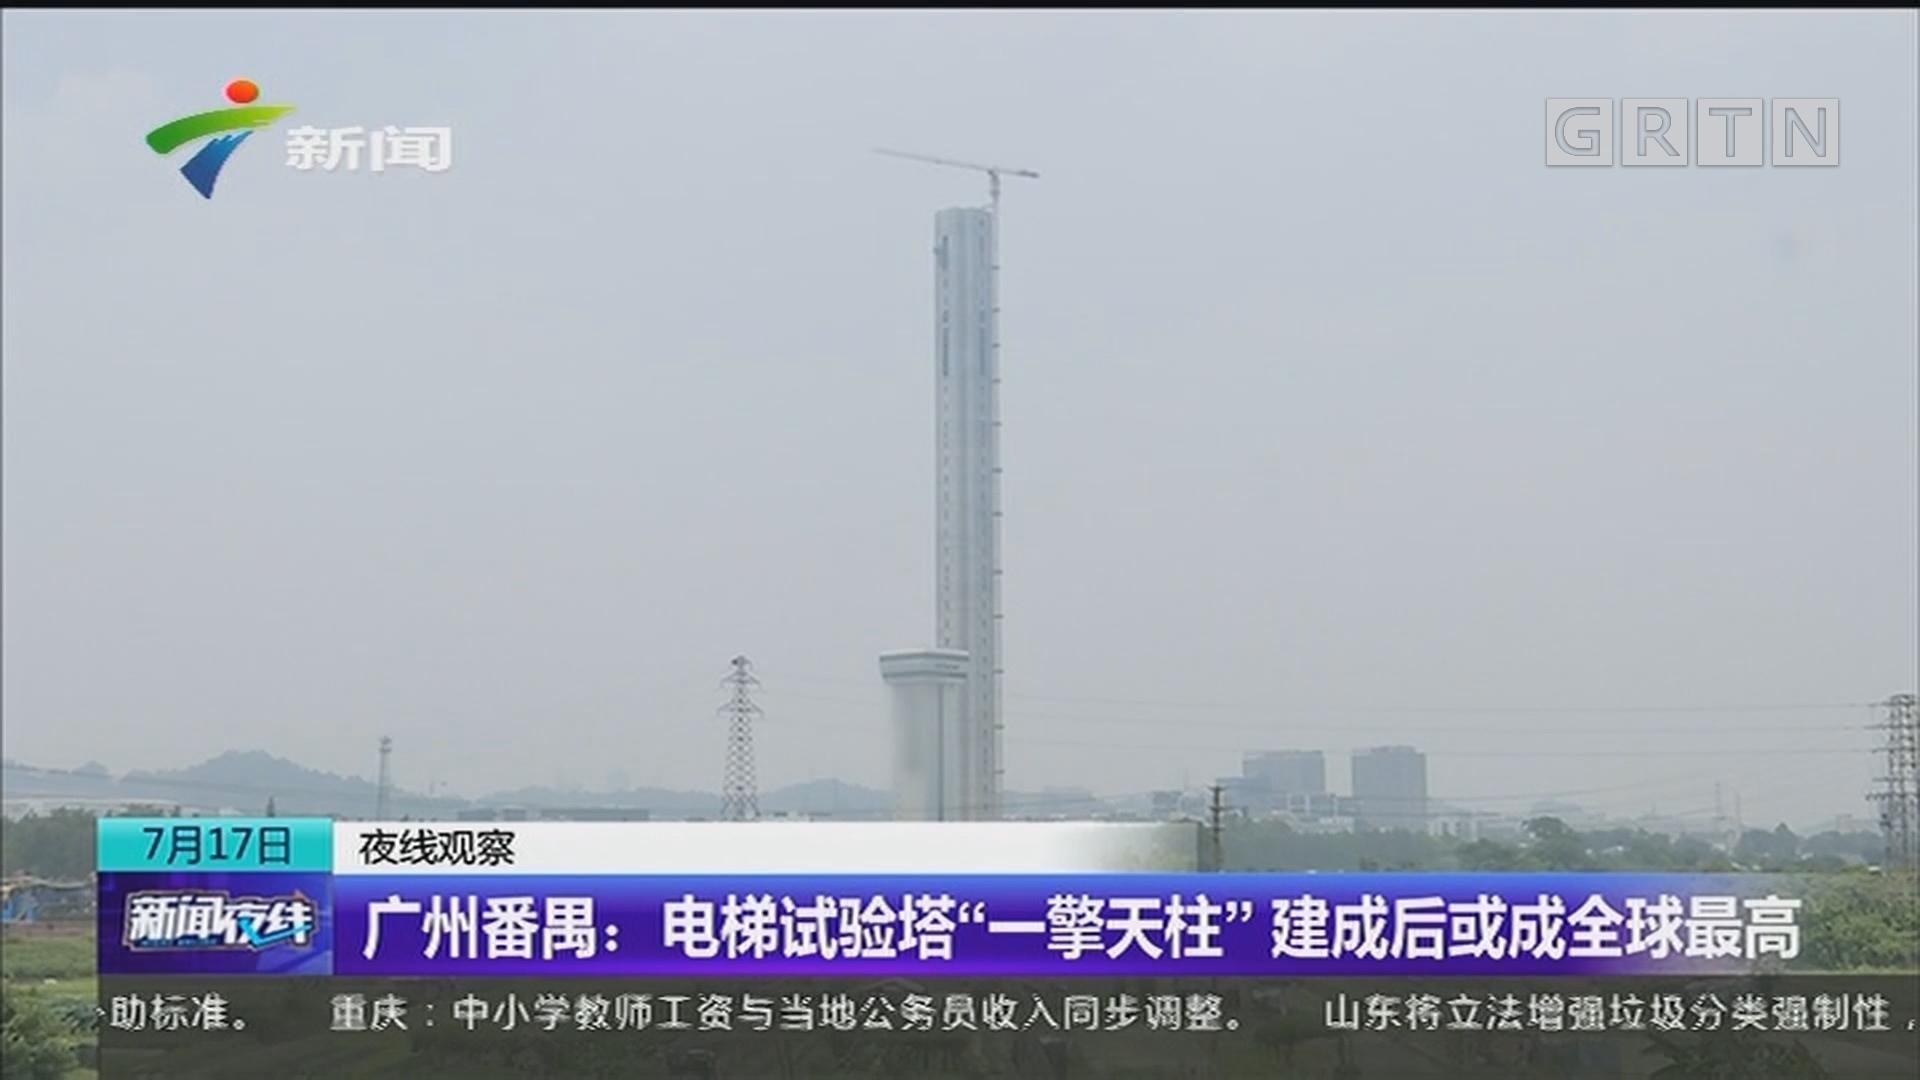 """广州番禺:电梯试验塔""""一擎天柱""""建成后或成全球最高"""